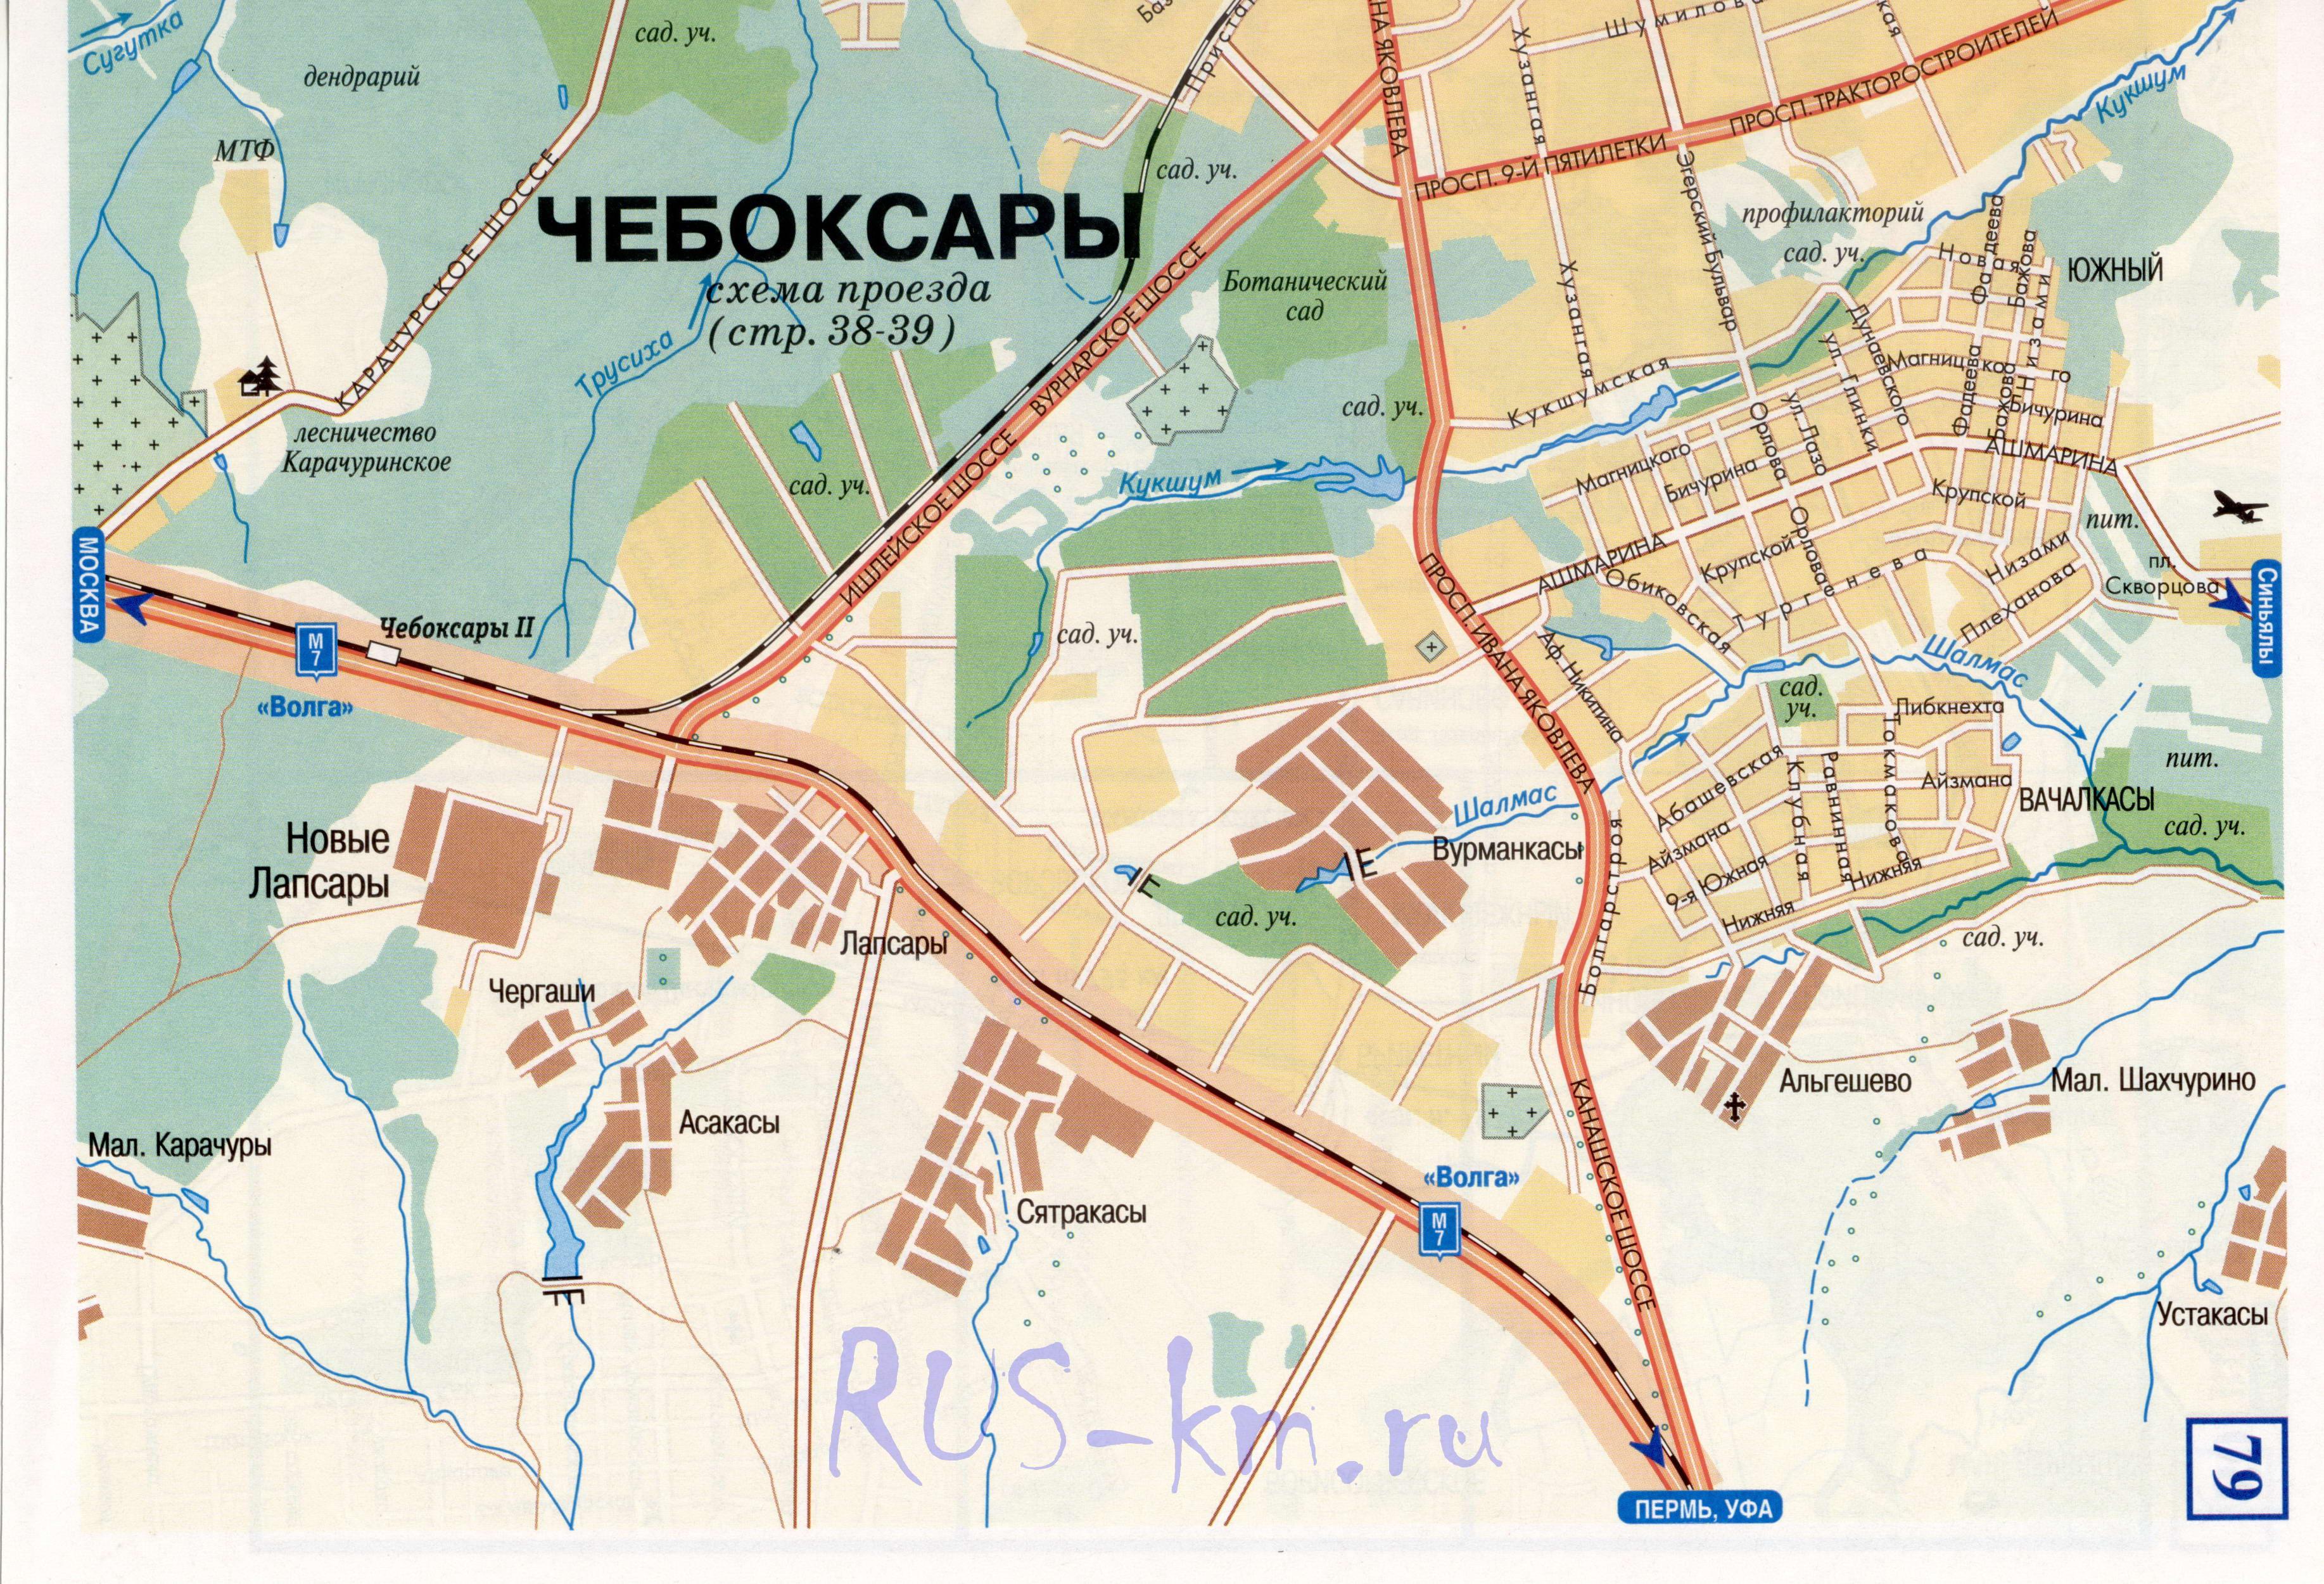 Подробная автомобильная карта города Чебоксары со схемой проезда.